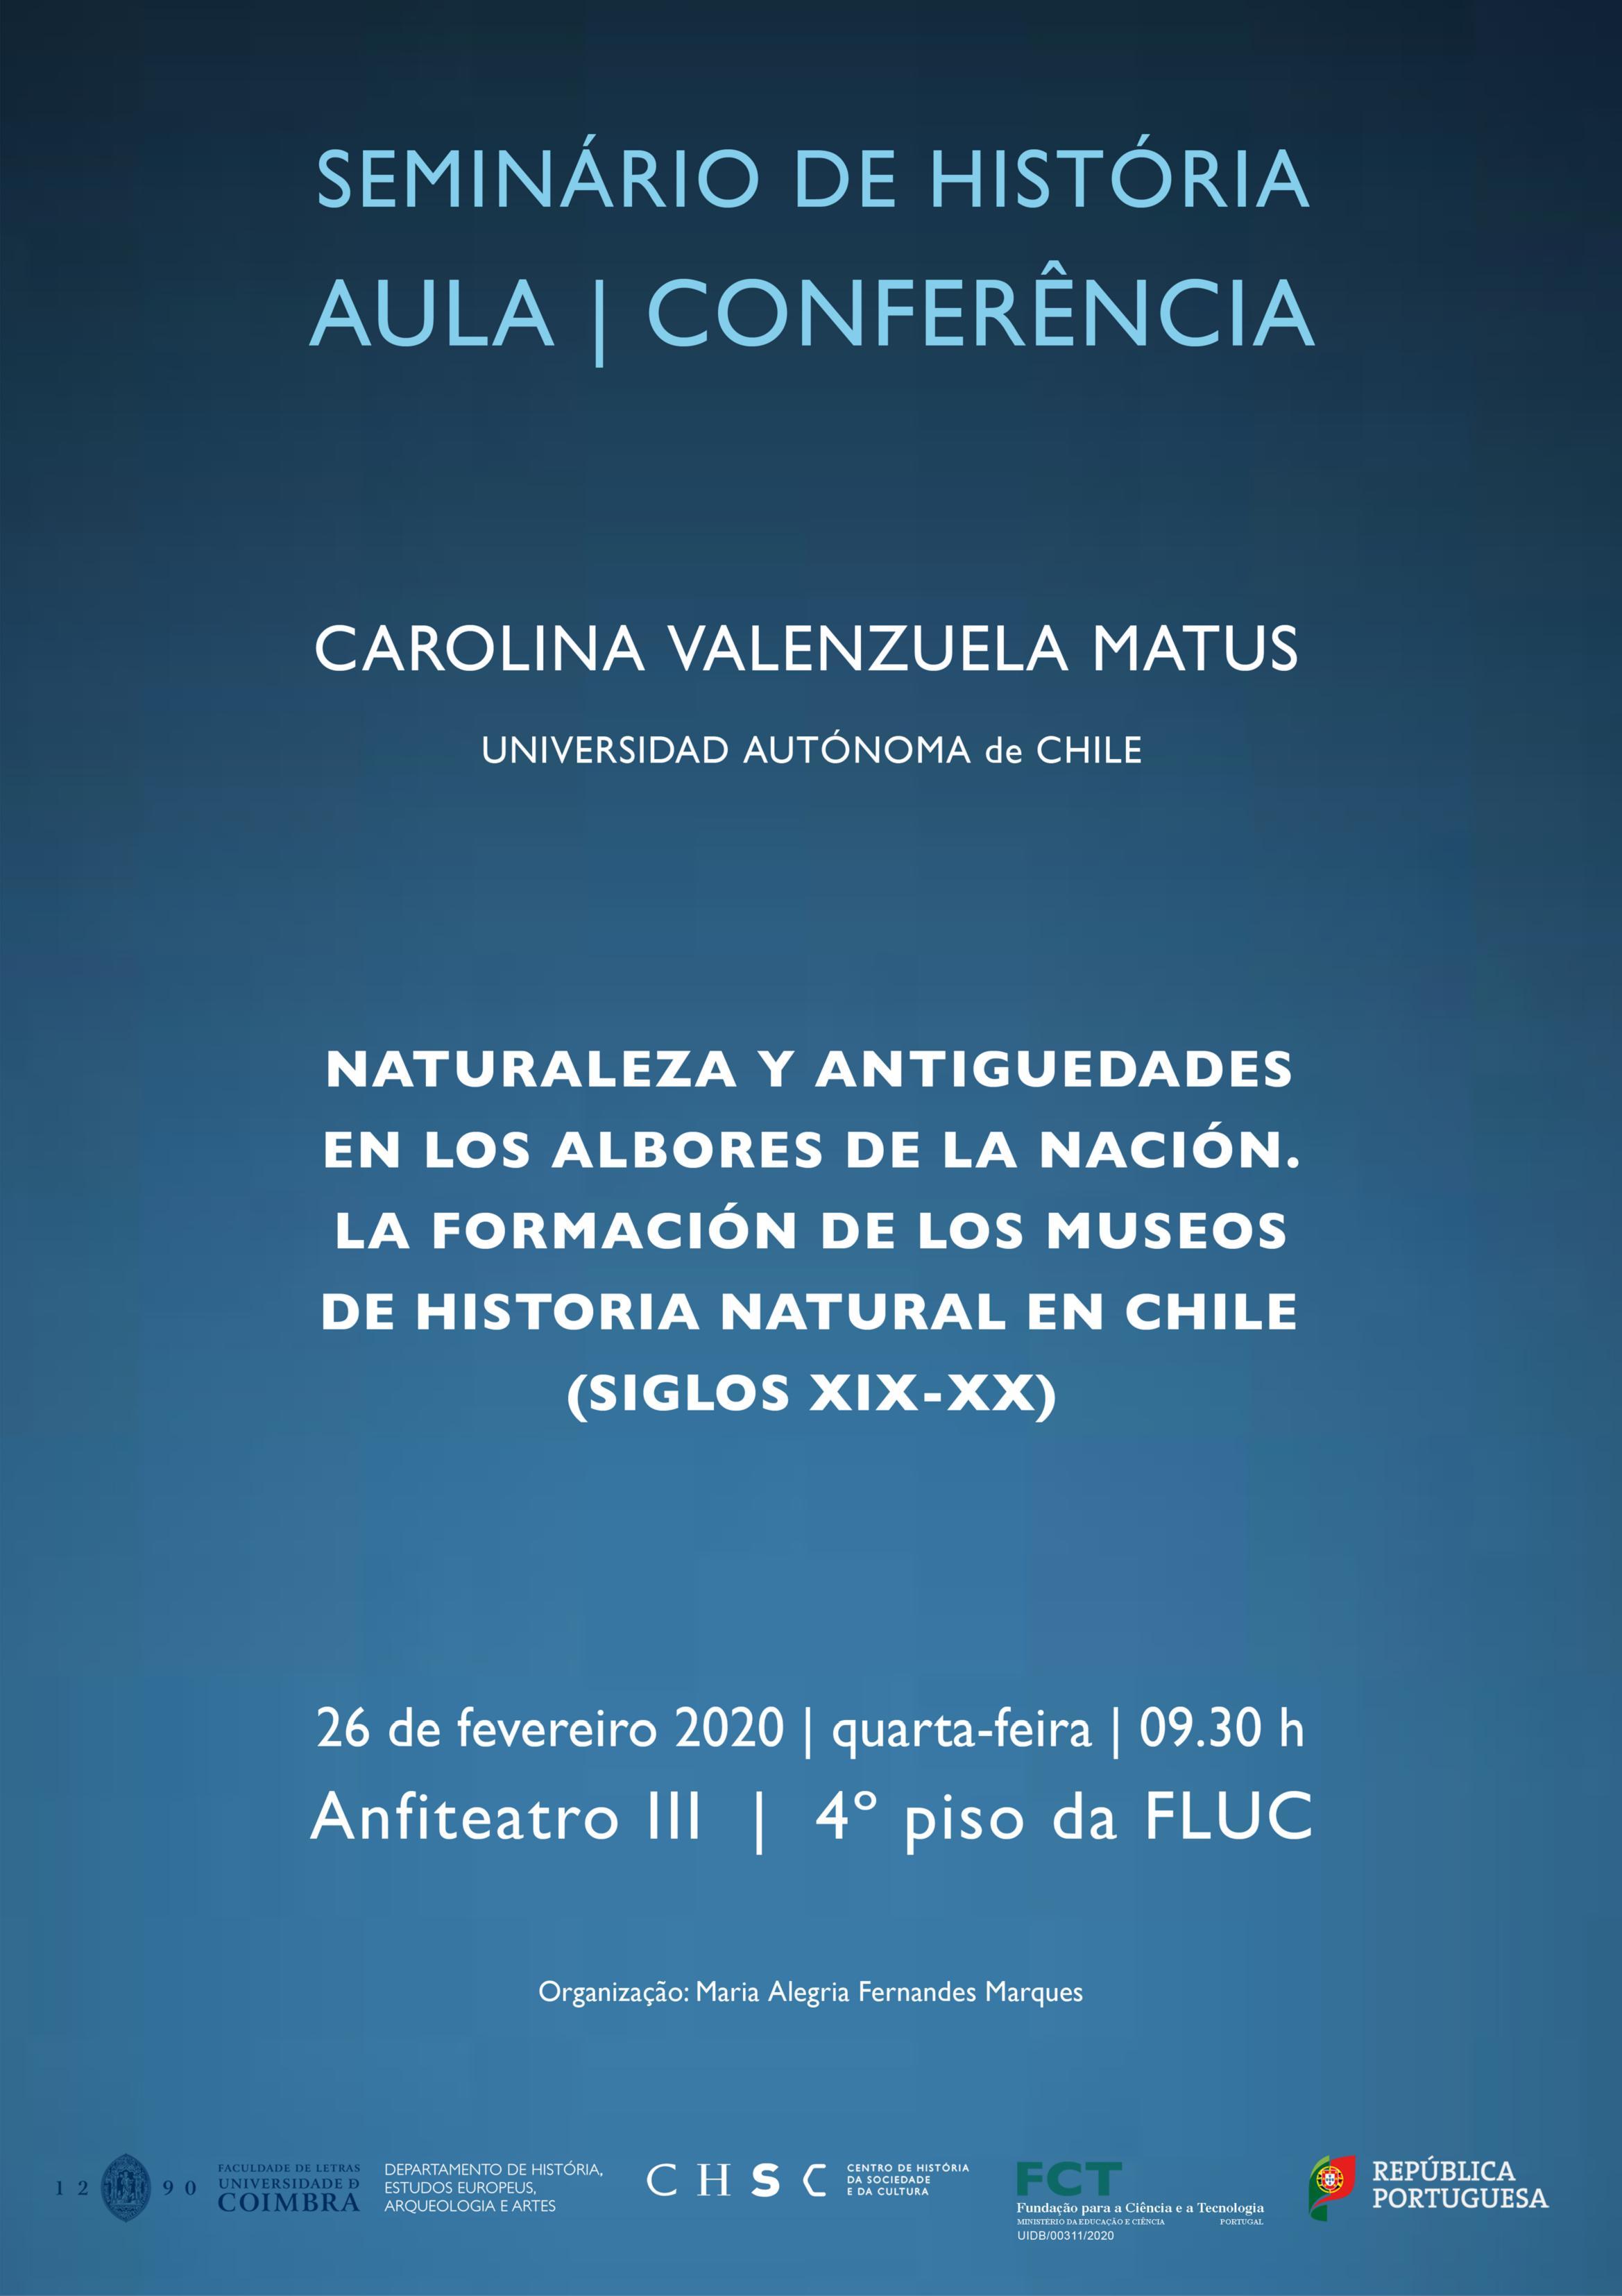 SEMINÁRIO DE HISTÓRIA – AULA – CONFERÊNCIA – NATURALEZA Y ANTIGUEDADES EN LOS ALBORES DE LA NACIÓN. LA FORMACIÓN DE LOS MUSEOS DE HISTORIA NATURAL EN CHILE (SIGLOS XIX-XX)